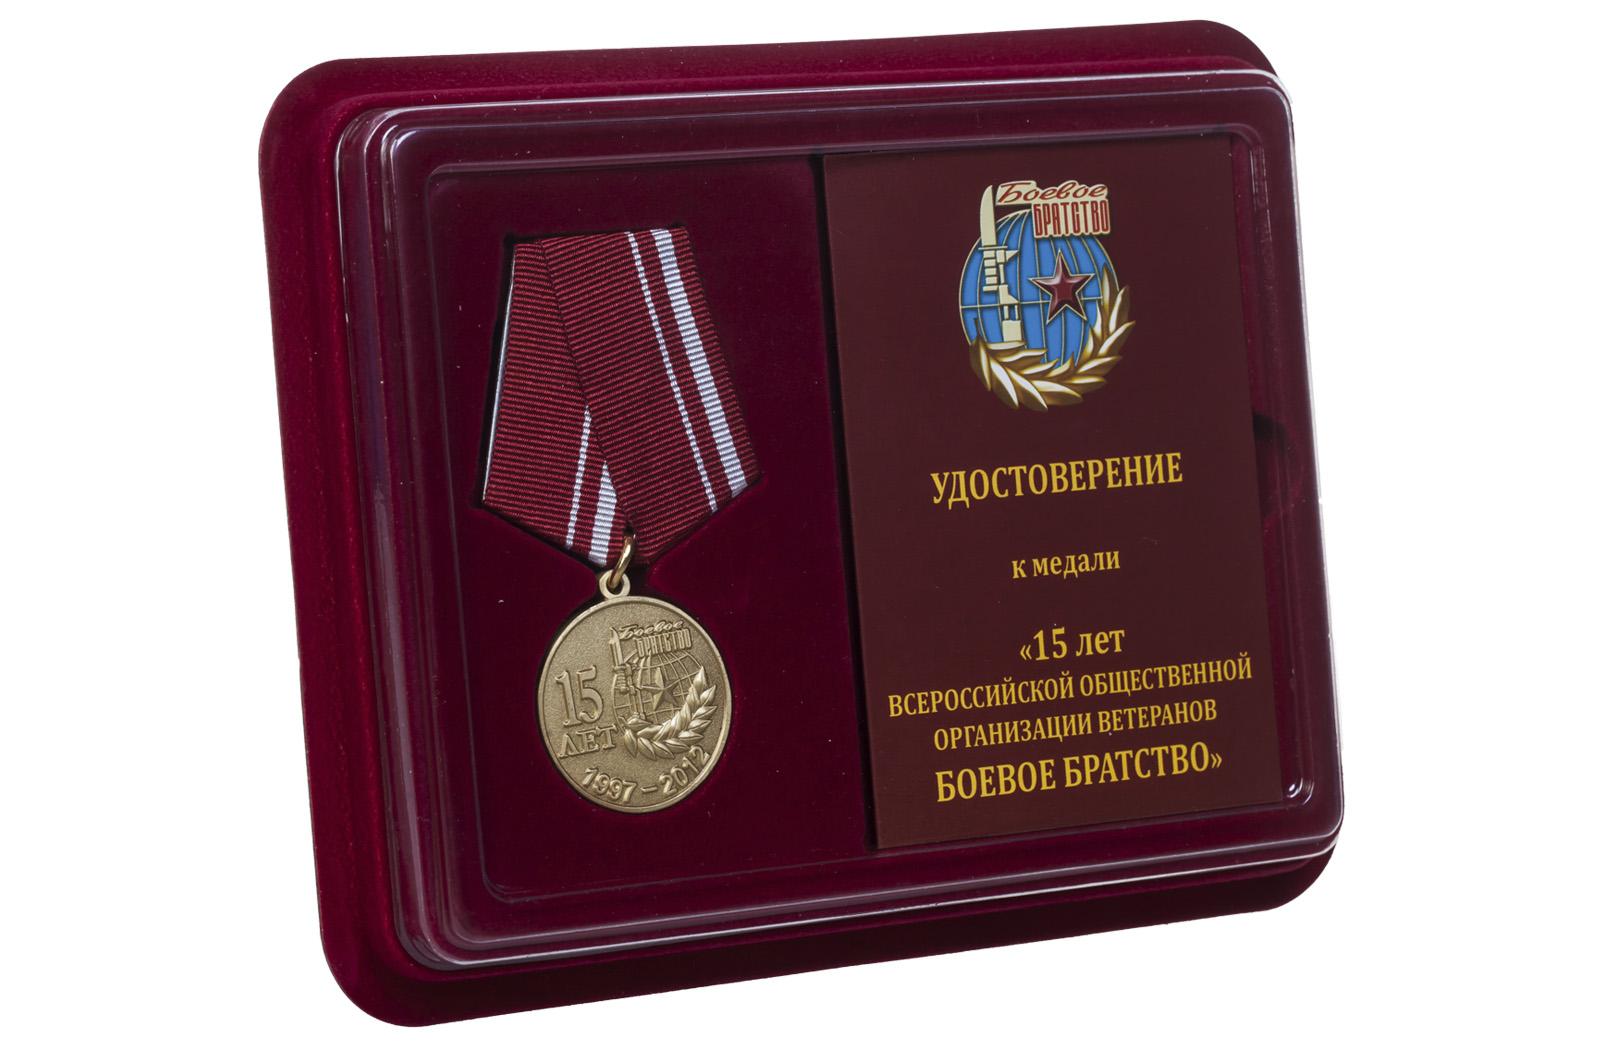 Памятная медаль Боевое братство. 15 лет - в футляре с удостоверением